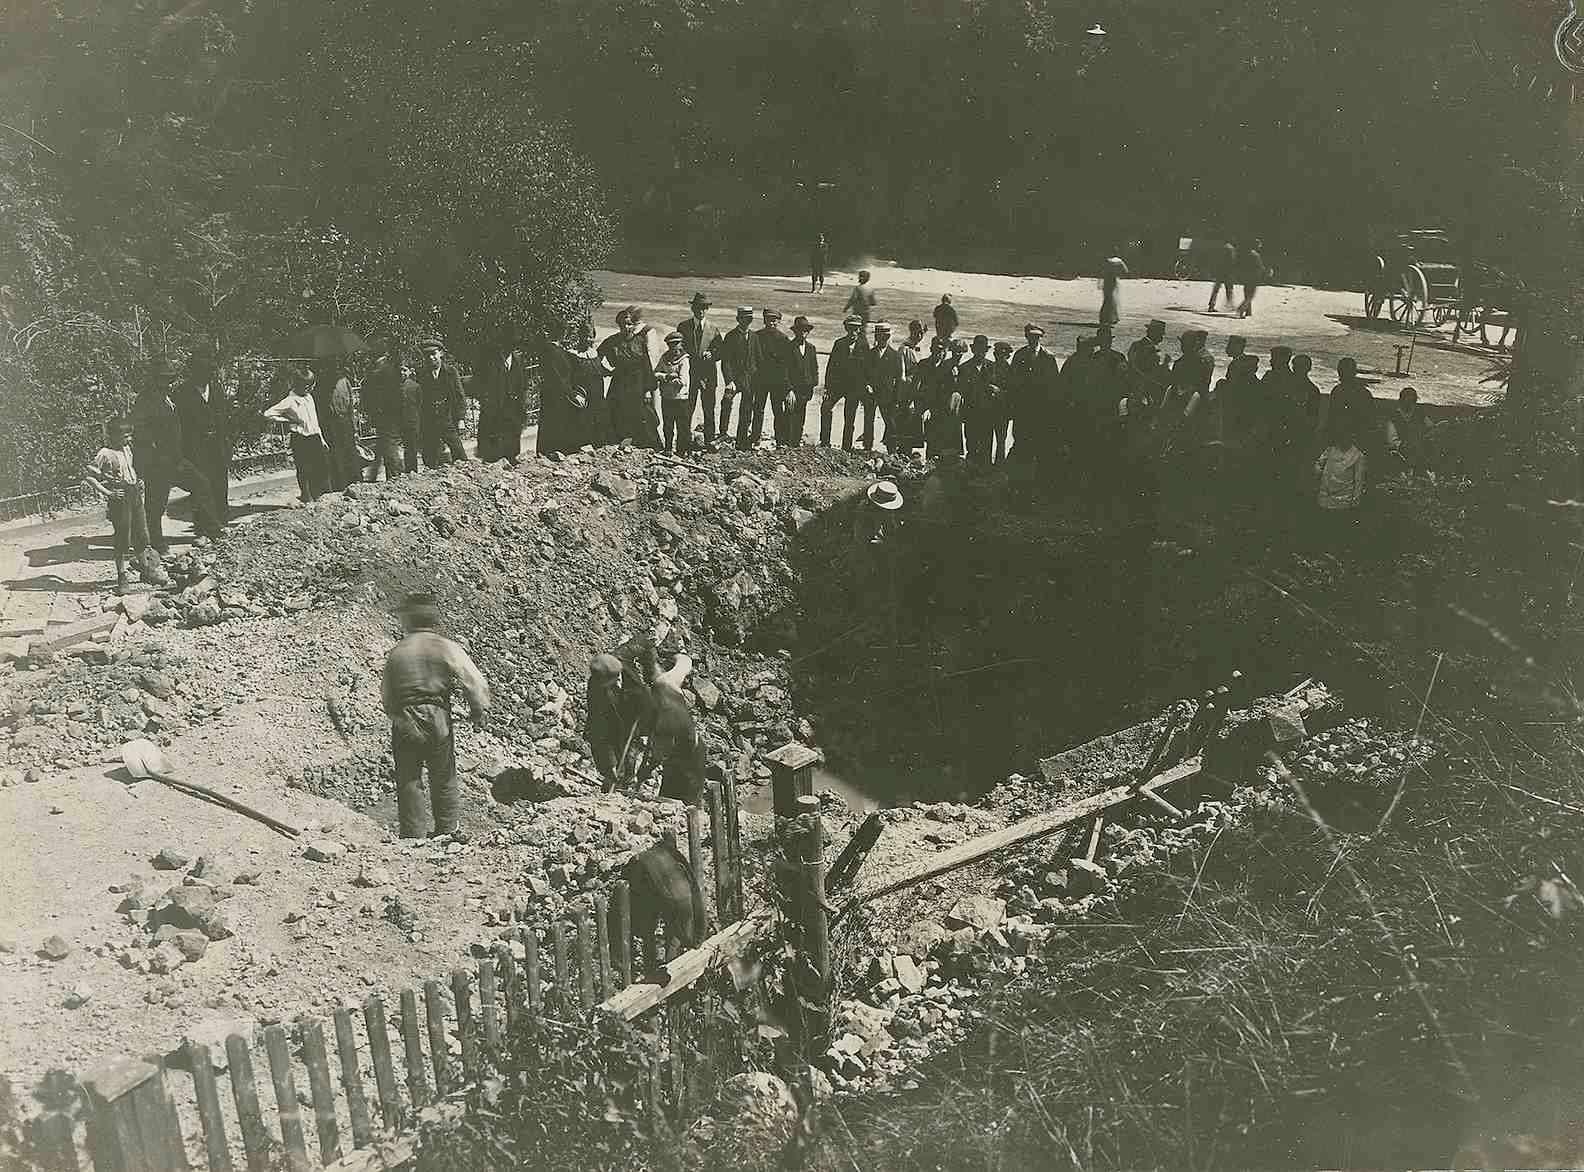 Fliegerangriff auf Oberndorf am Neckar am 20. Juli 1918, Bombentrichter neben Druckereigebäude des Schwarzwälder Boten, Schaulustige, Bild 1